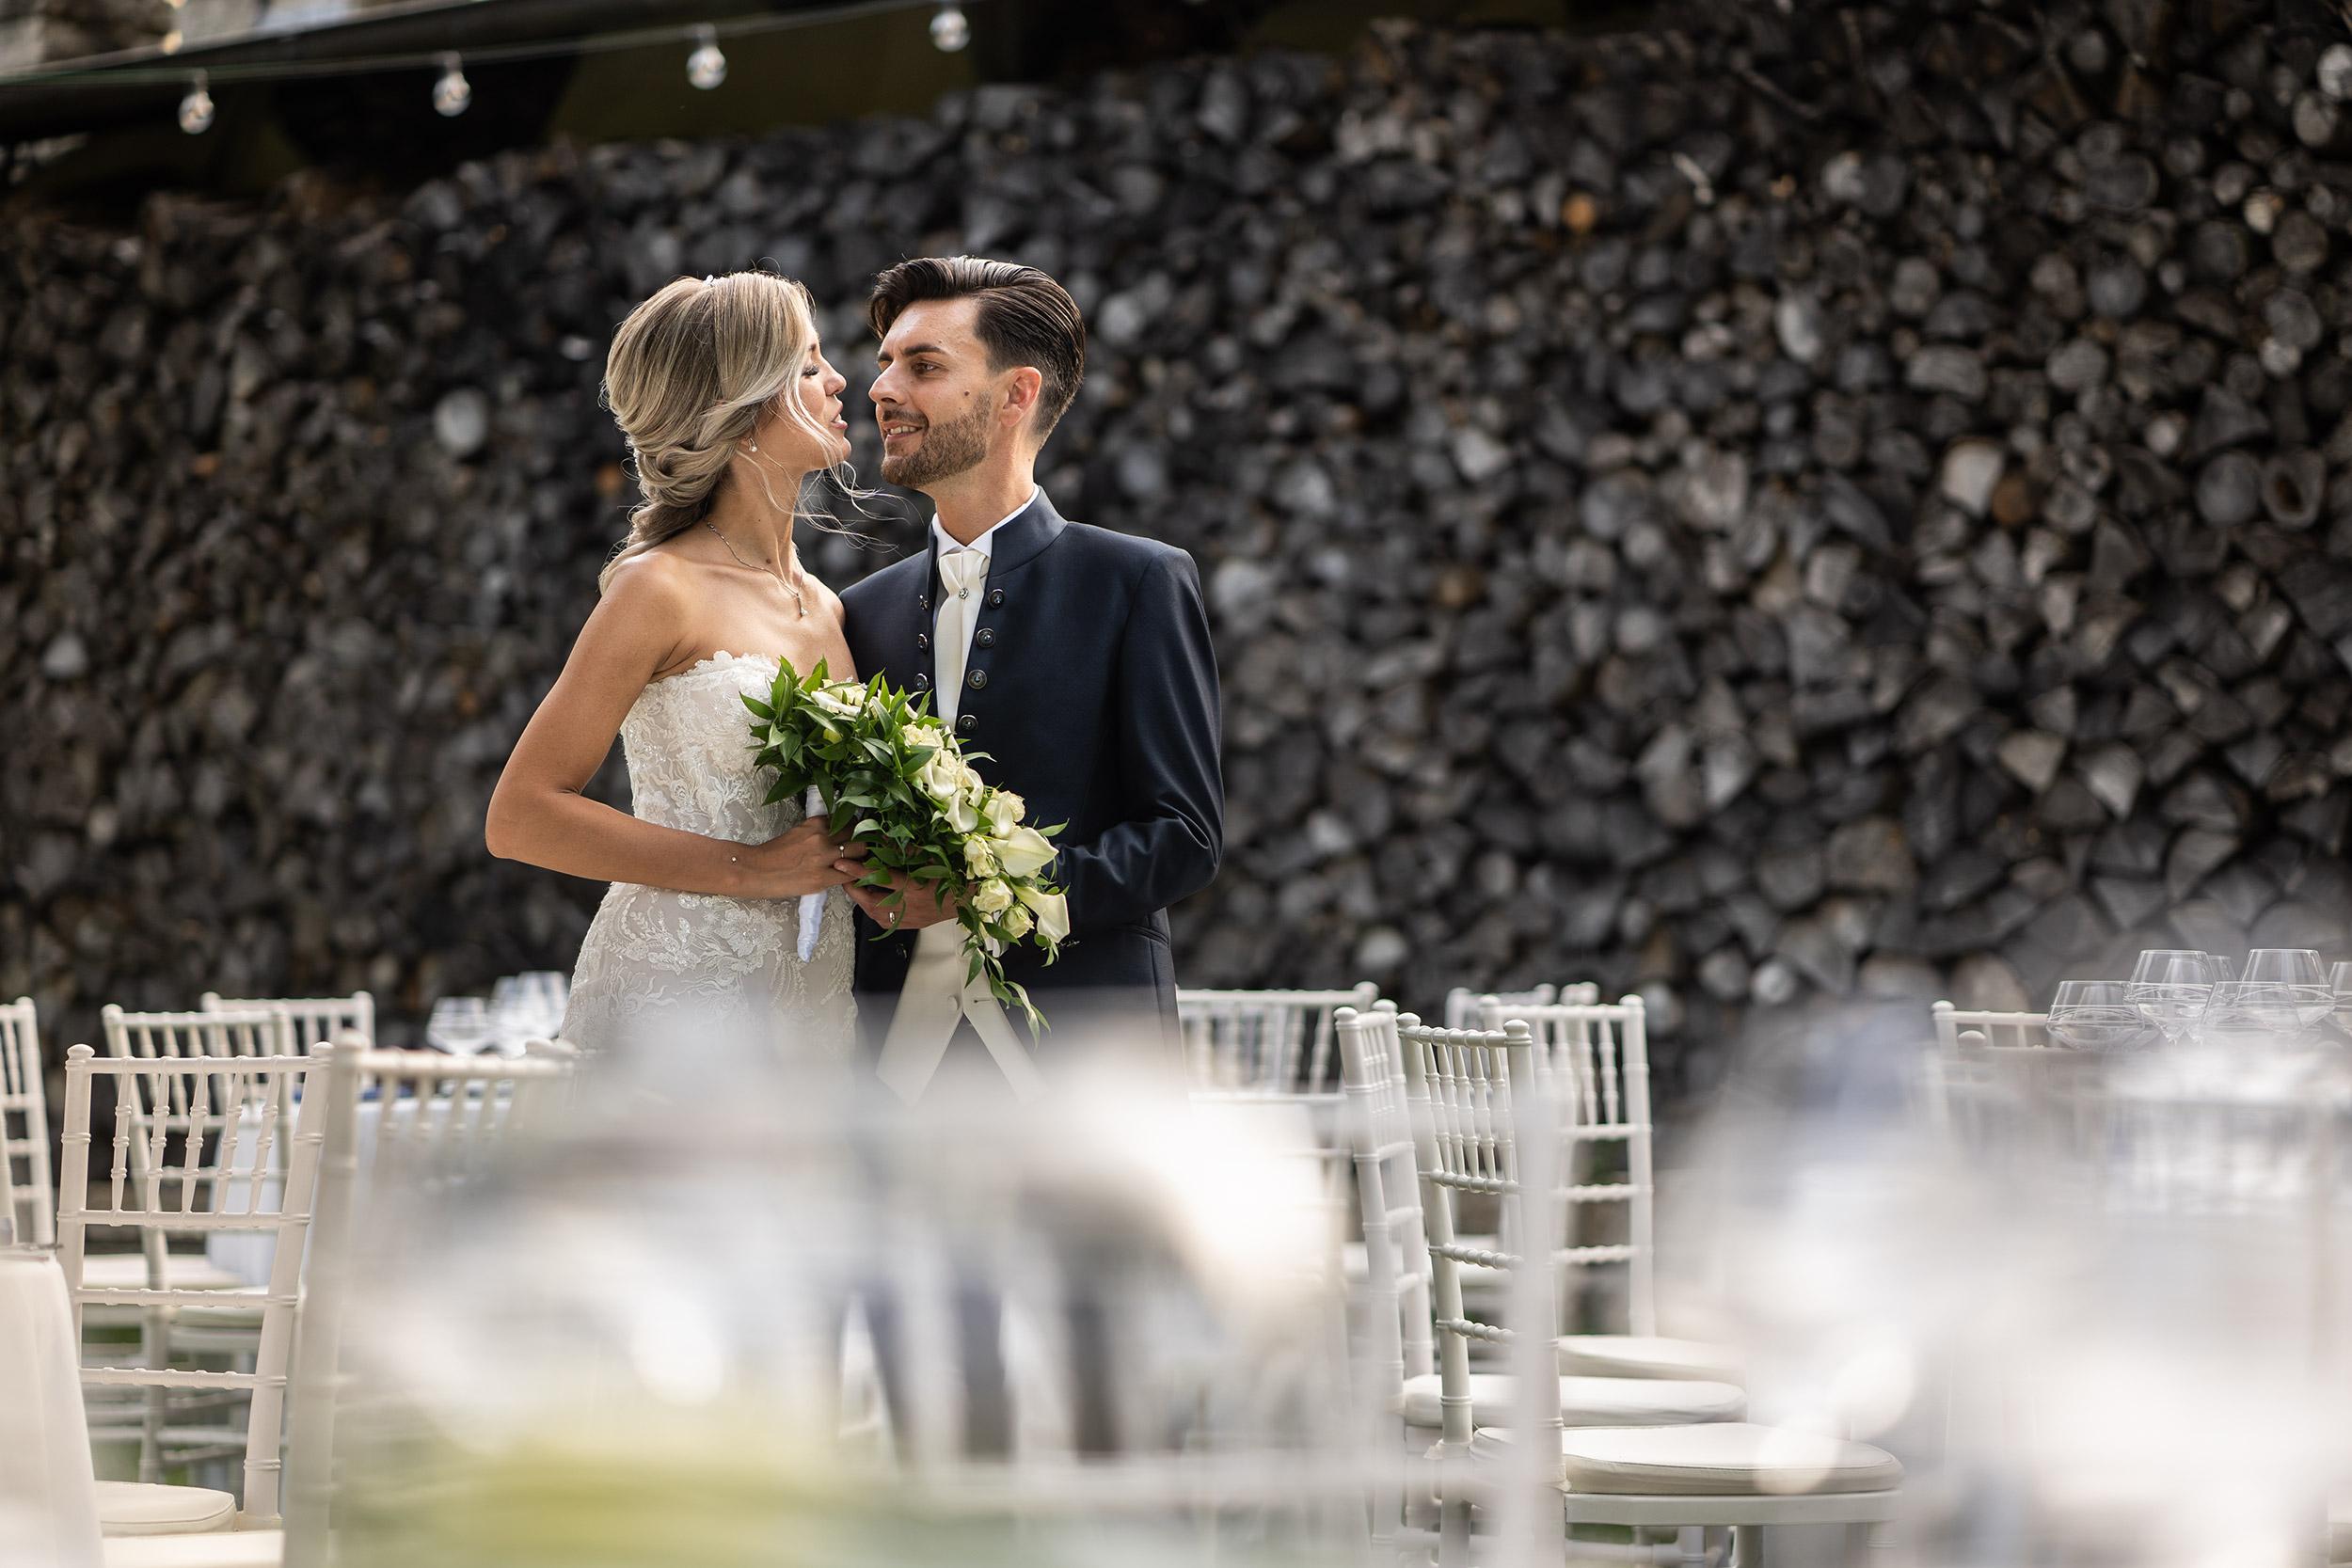 000 fotografo matrimonio reportage wedding sposi ritratto romantico castello rossino calolziocorte lecco lago 1